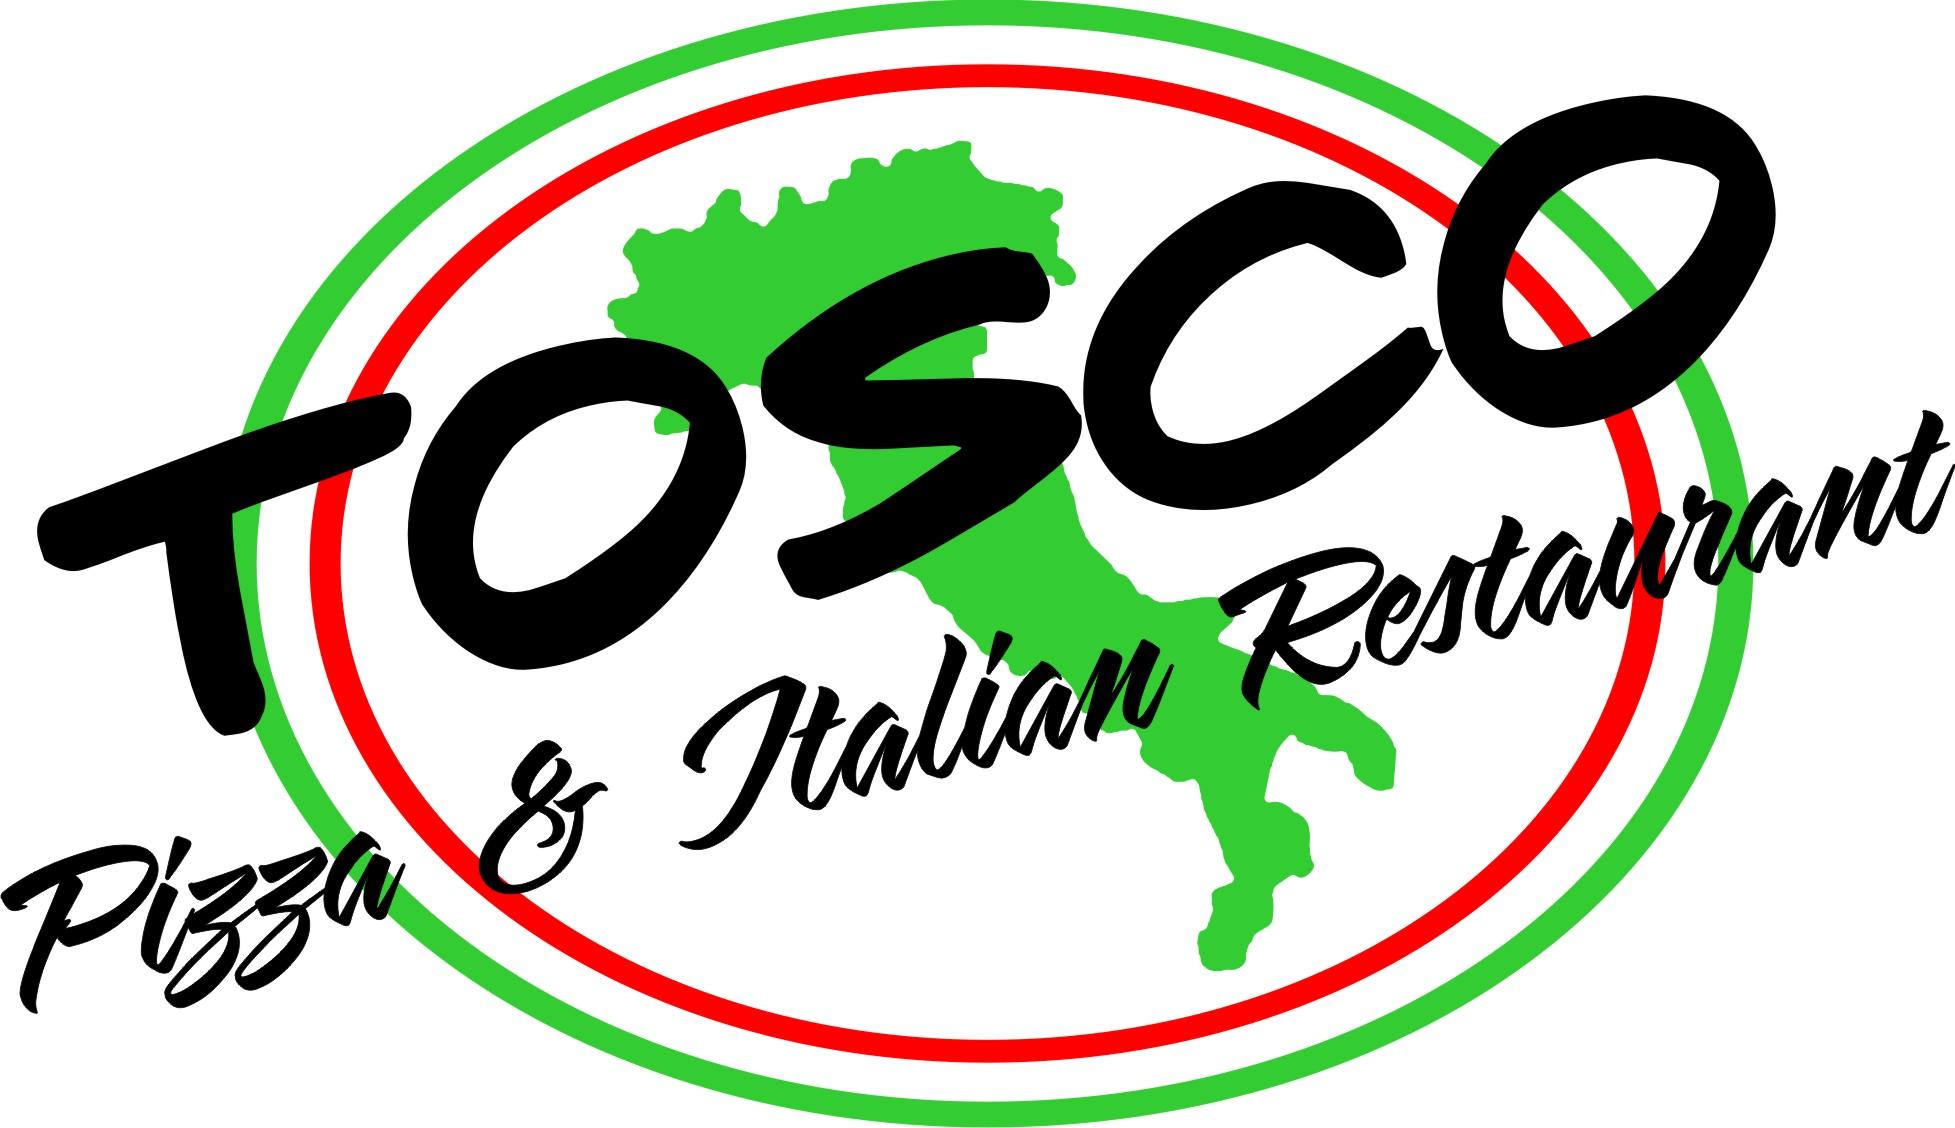 Tosco logo